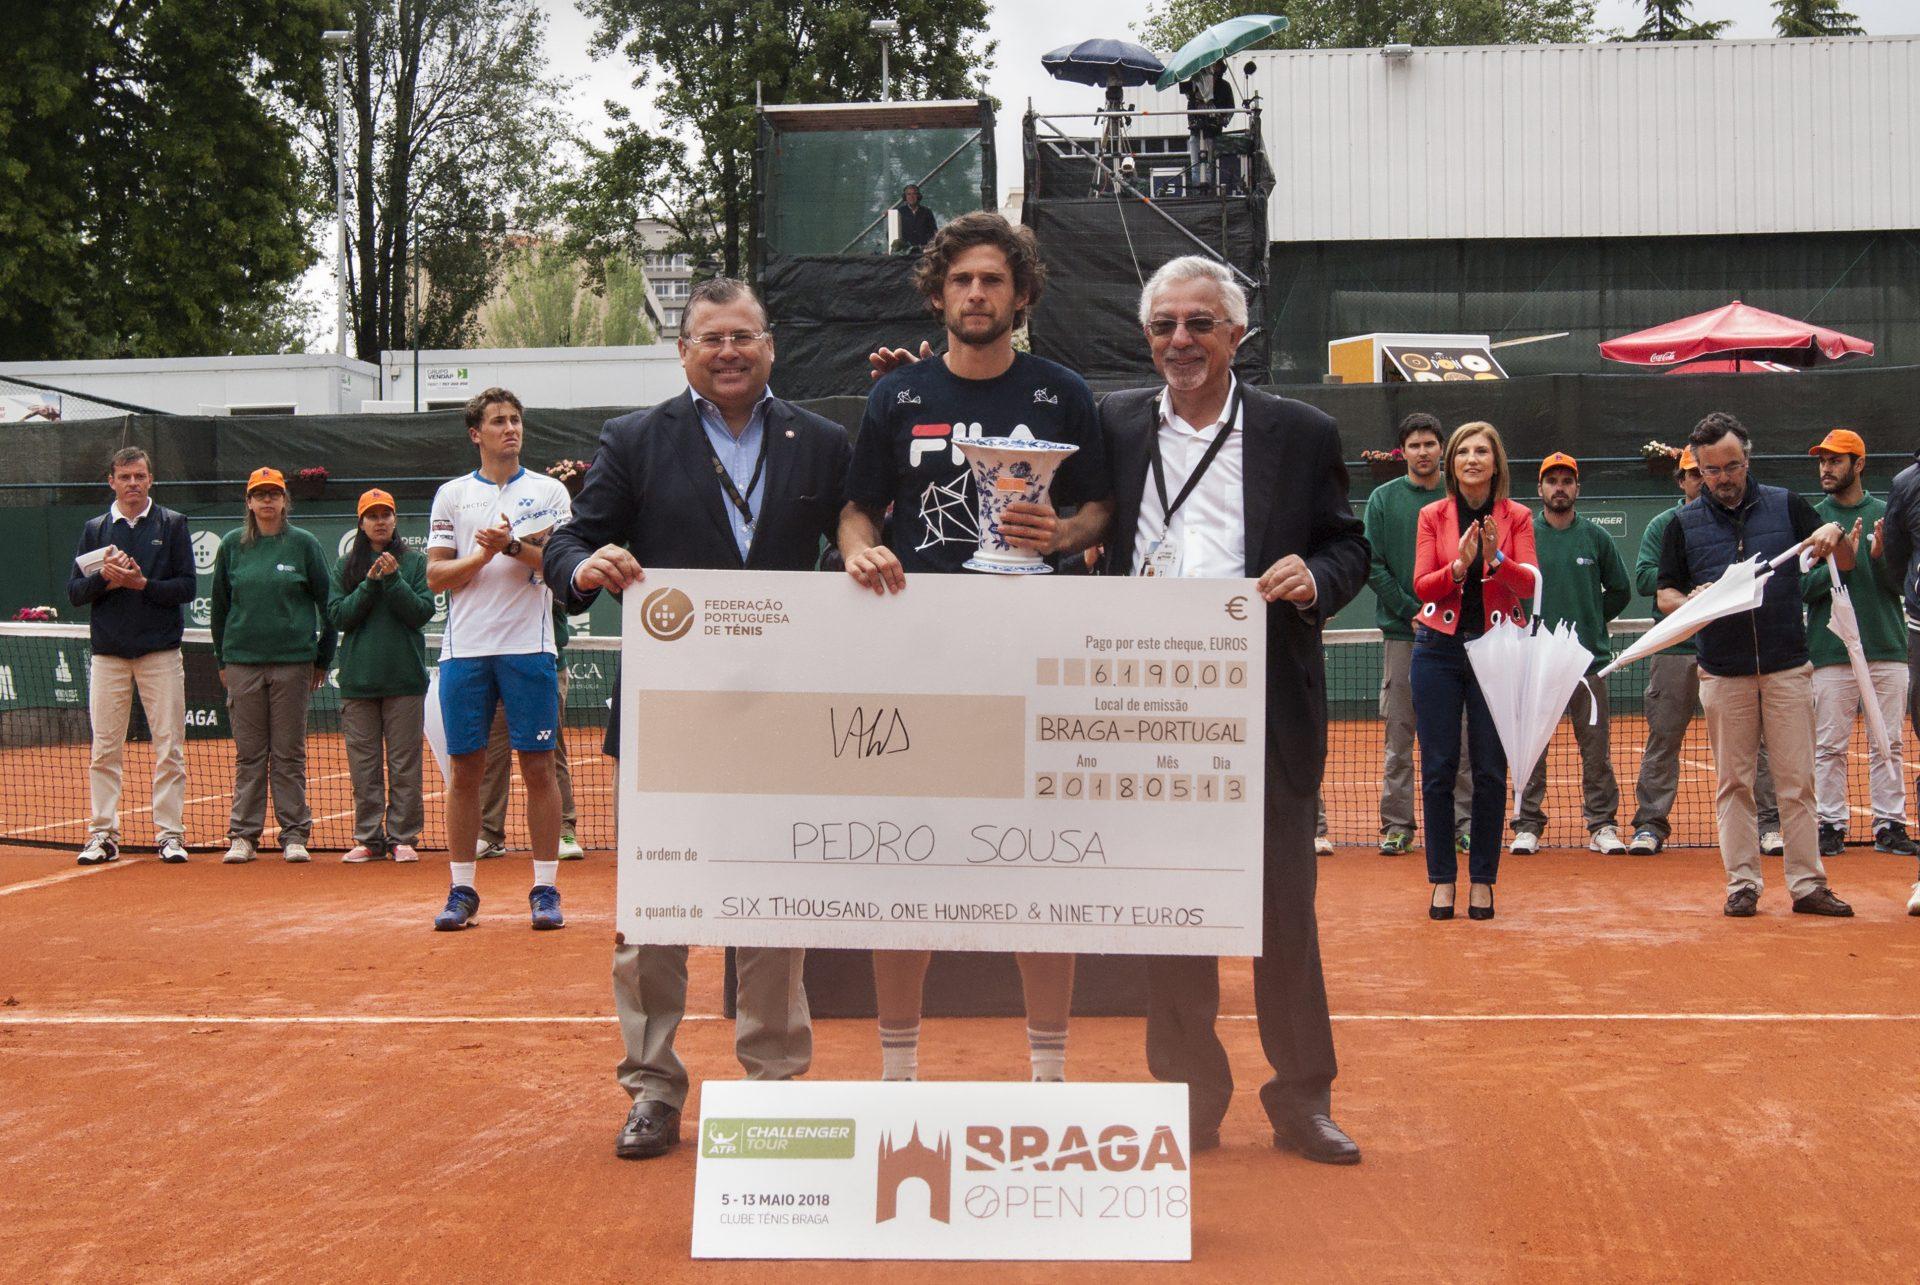 Clube de tenis de braga